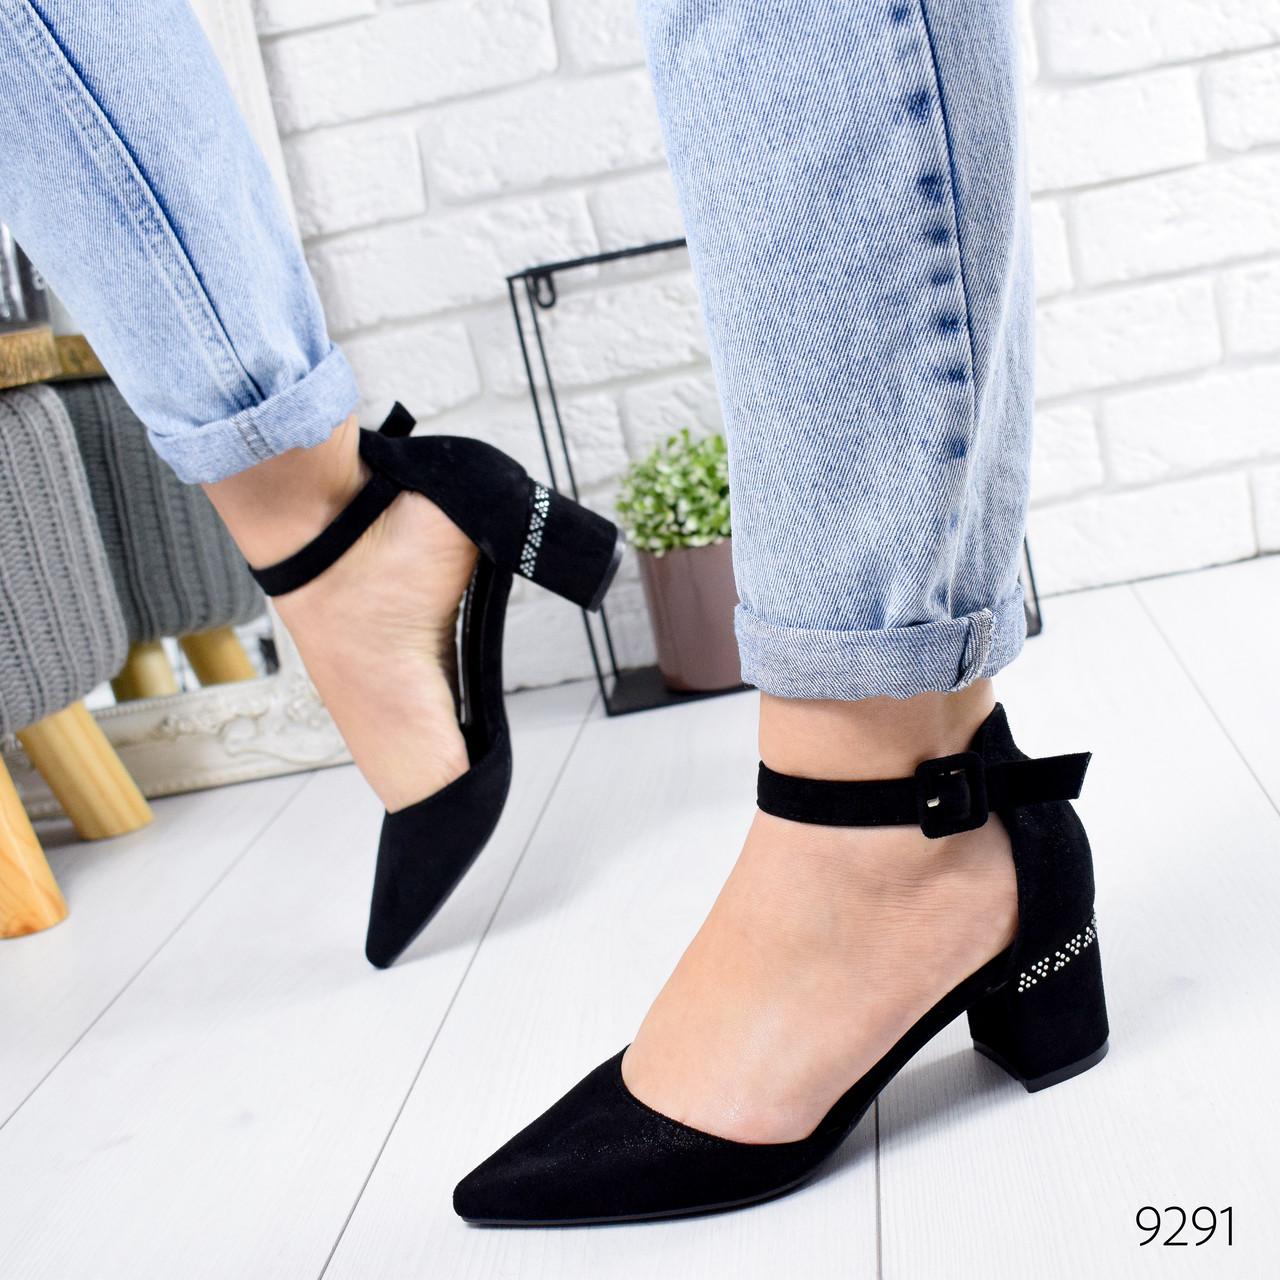 Туфли женские Yuna черные 9291